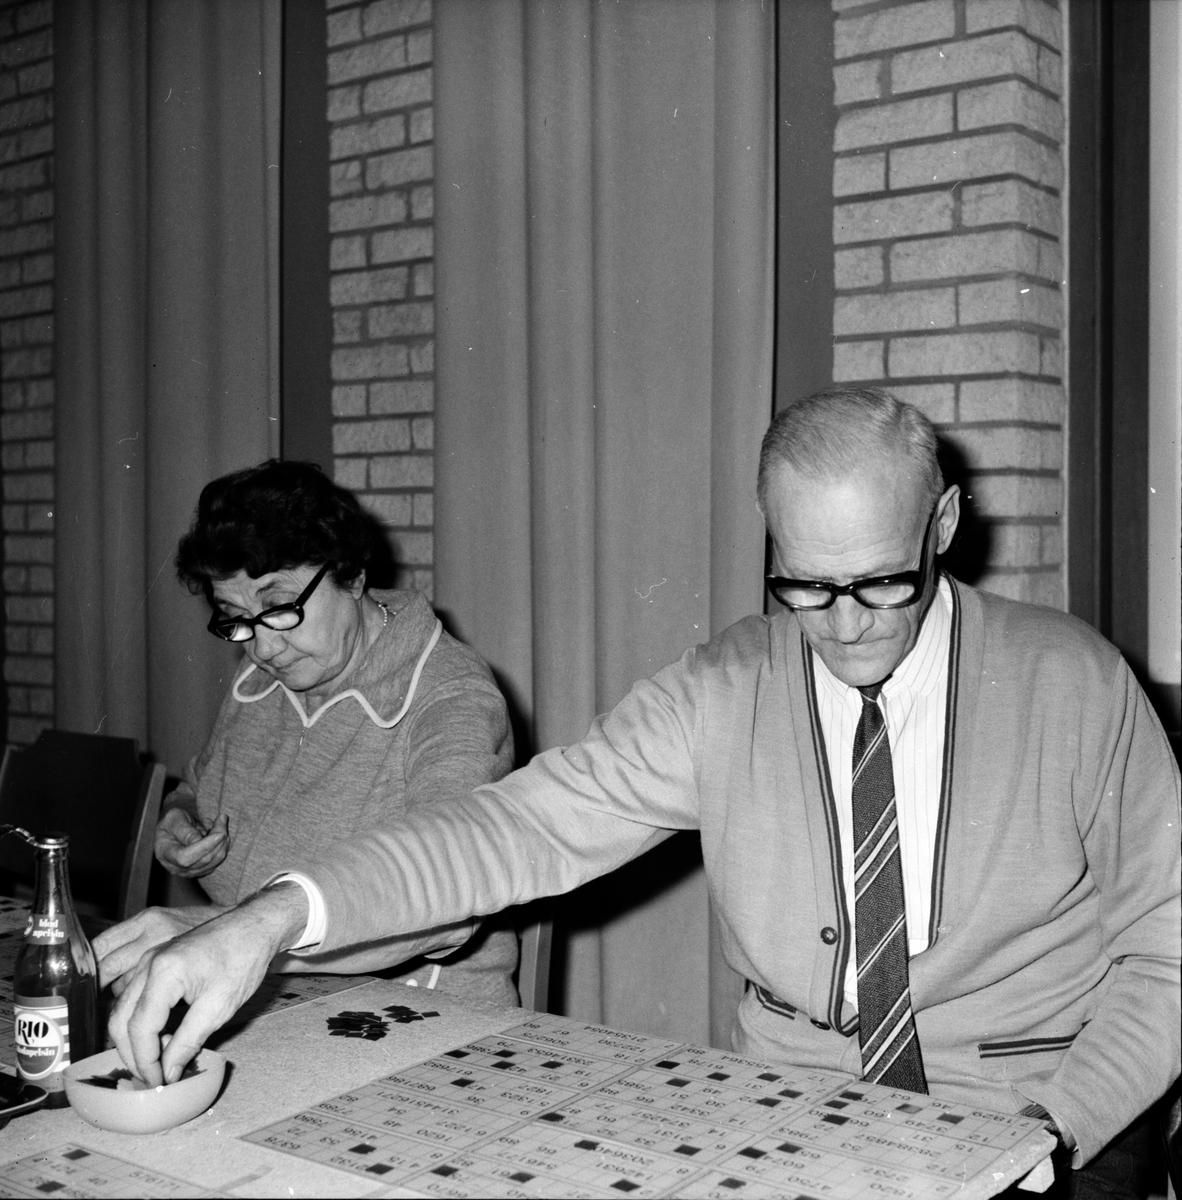 Arbrå, Bingo på Forum, Oktober 1971